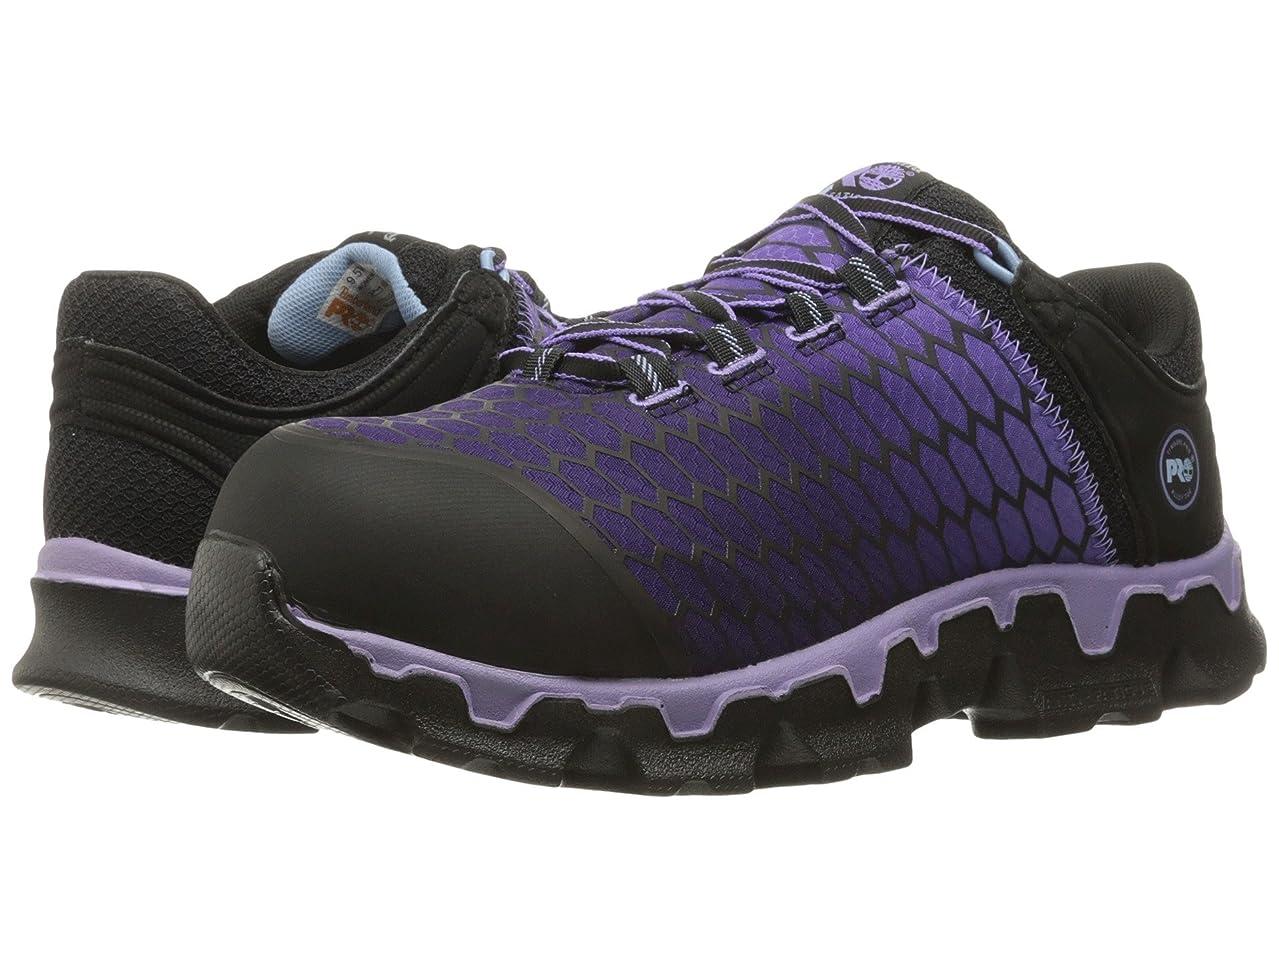 病者キャンディースポーツをする[Timberland(ティンバーランド)] レディースウォーキングシューズ?カジュアルスニーカー?靴 Powertrain Sport Alloy Toe SD+ Black Synthetic/Lavender 7.5 (24.5cm) C - Wide [並行輸入品]